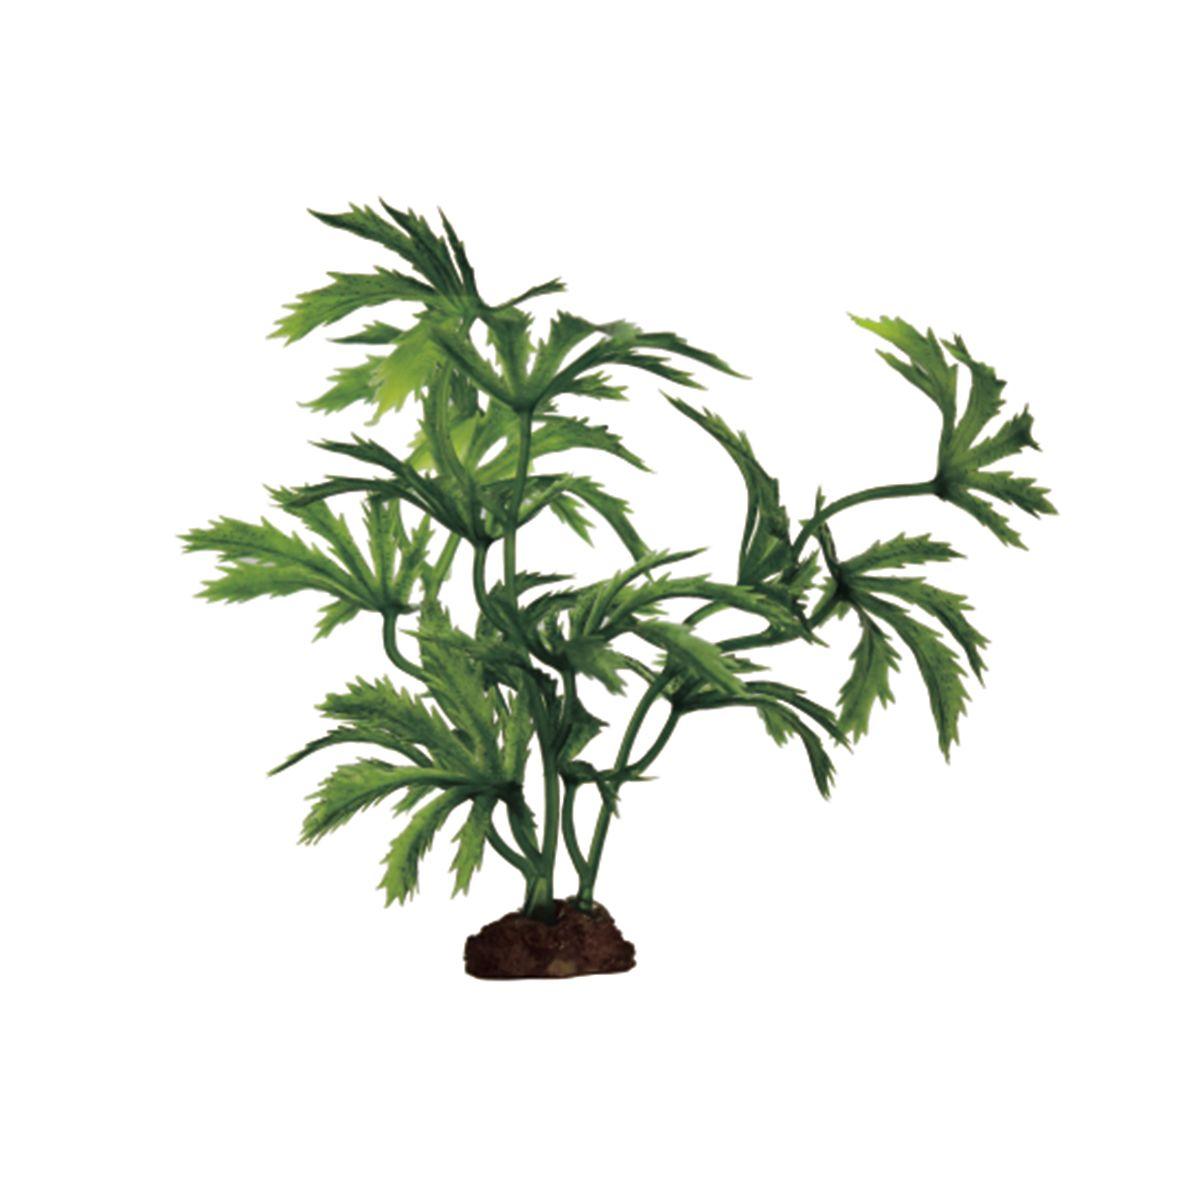 Растение для аквариума ArtUniq Абутилон, высота 10 см, 6 шт0120710Композиция из искусственных растений ArtUniq превосходно украсит и оживит аквариум.Растения - это важная часть любой композиции, они помогут вдохнуть жизнь в ландшафт любого аквариума или террариума. А их сходствос природными порадует даже самых взыскательных ценителей.